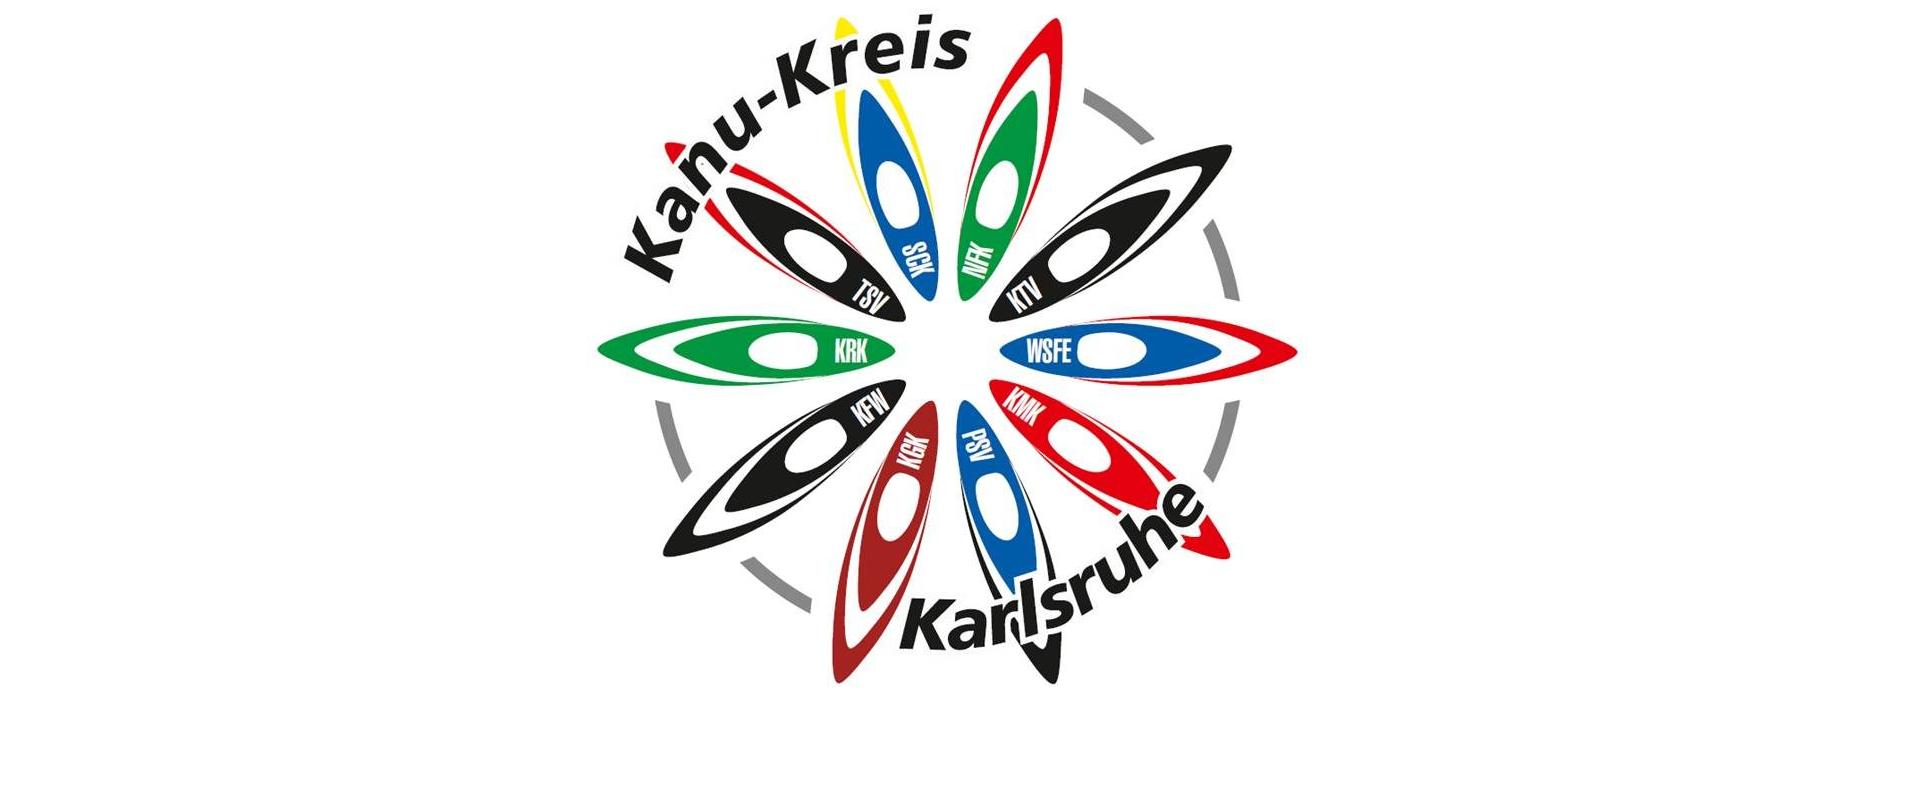 Permalink zu:KanuKreis Karlsruhe im KVBW